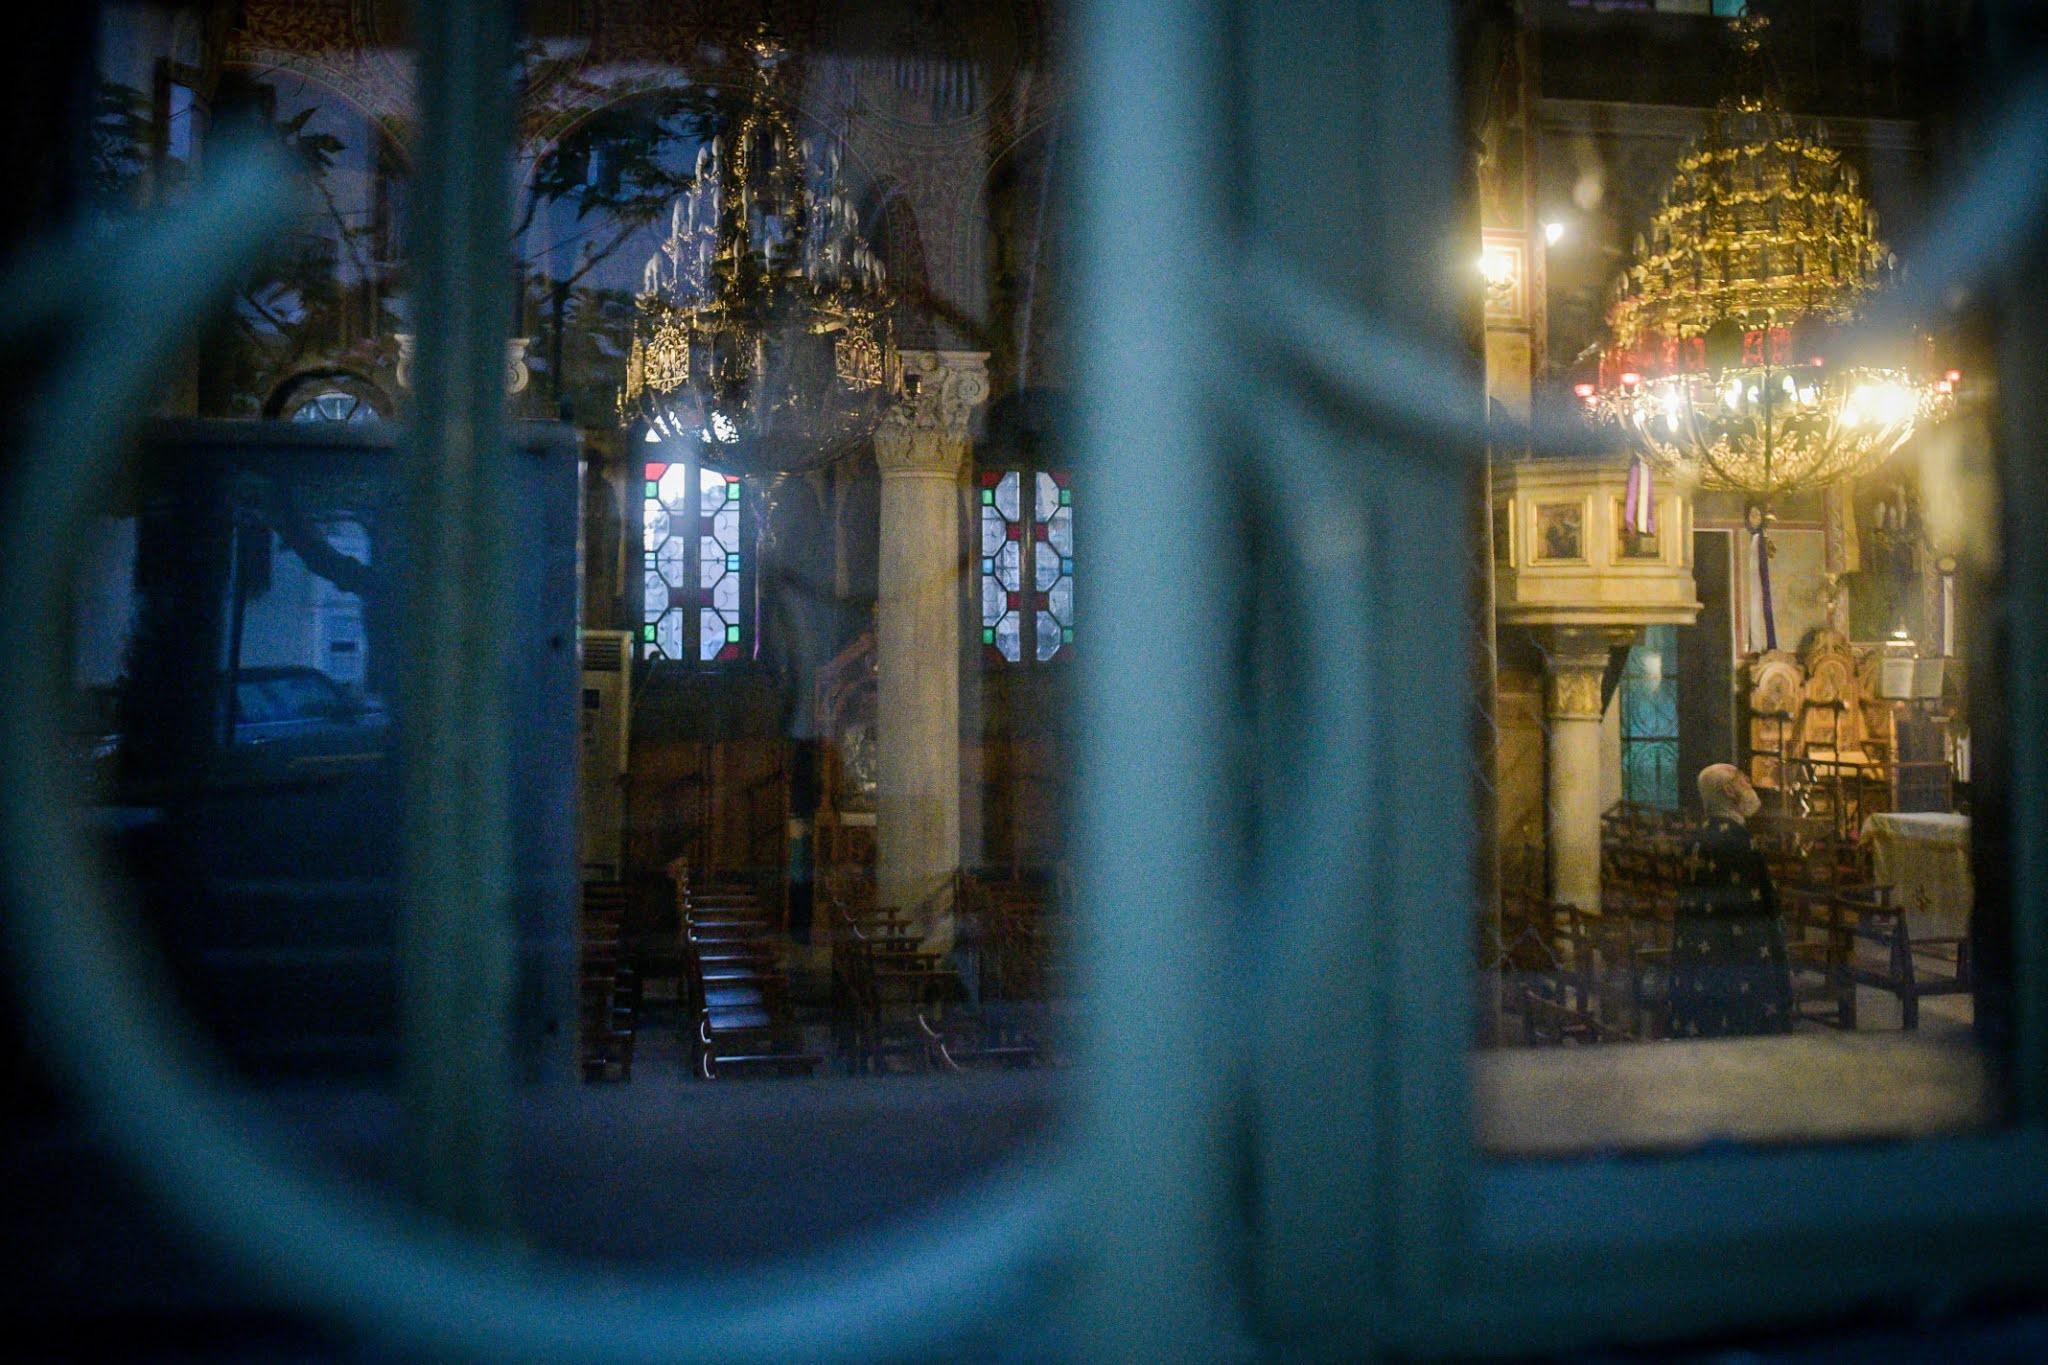 Ποια μέτρα θα ισχύσουν για το Πάσχα – Πώς θα λειτουργήσουν οι εκκλησίες